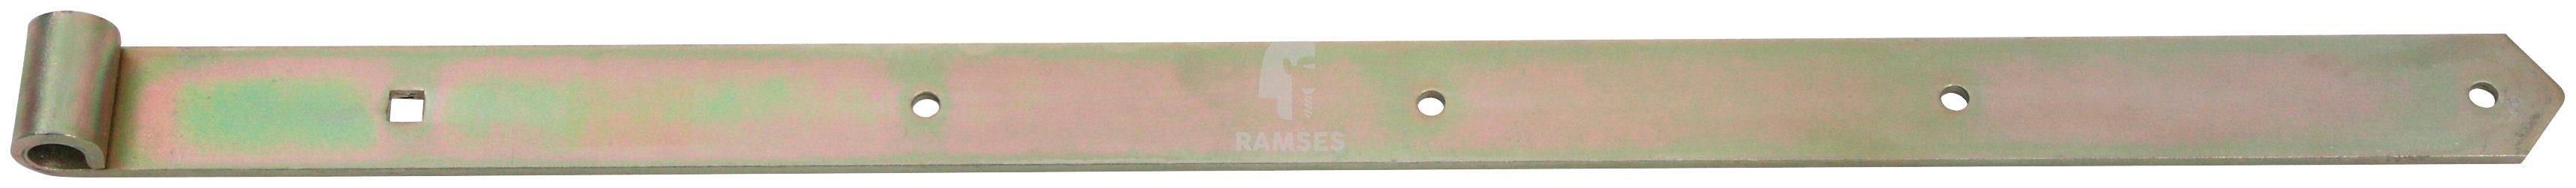 RAMSES Ladenband , schwer für Dorn Ø 16 mm Länge 800 mm Stahl verzinkt